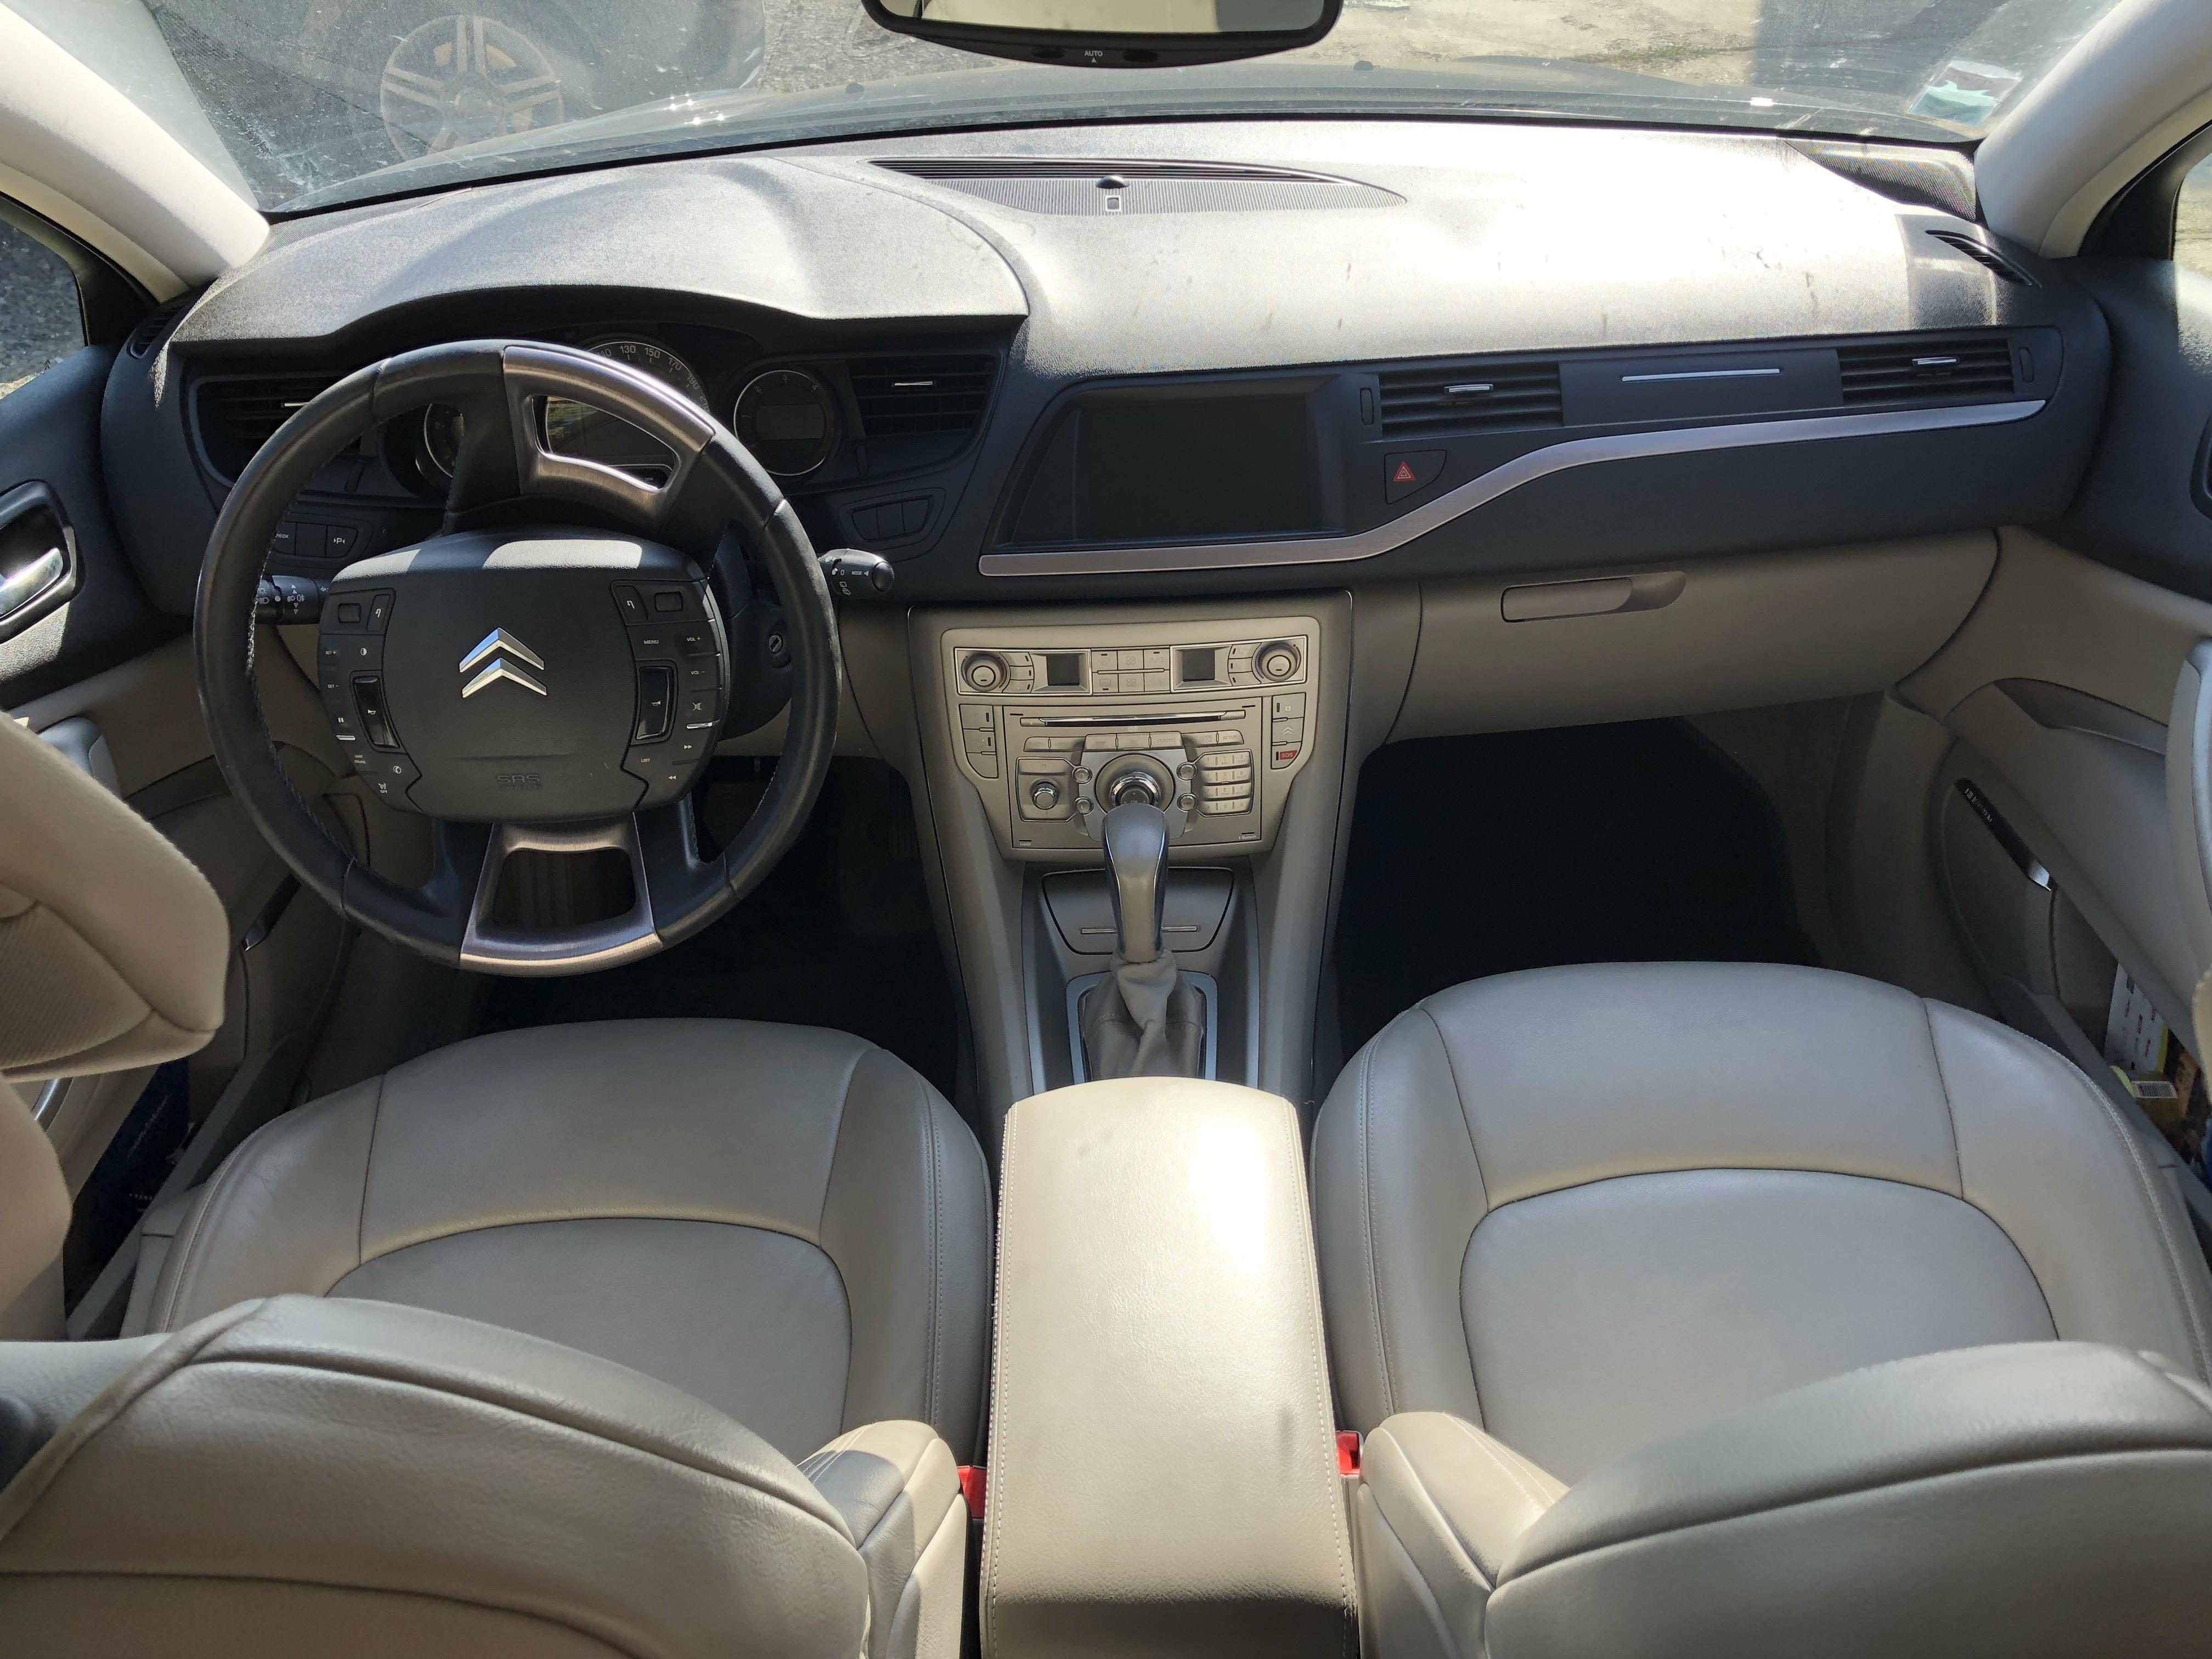 Citroën C5 Tourer 3.0 HDi Diesel Automatique 2010 Billy sous mangiennes